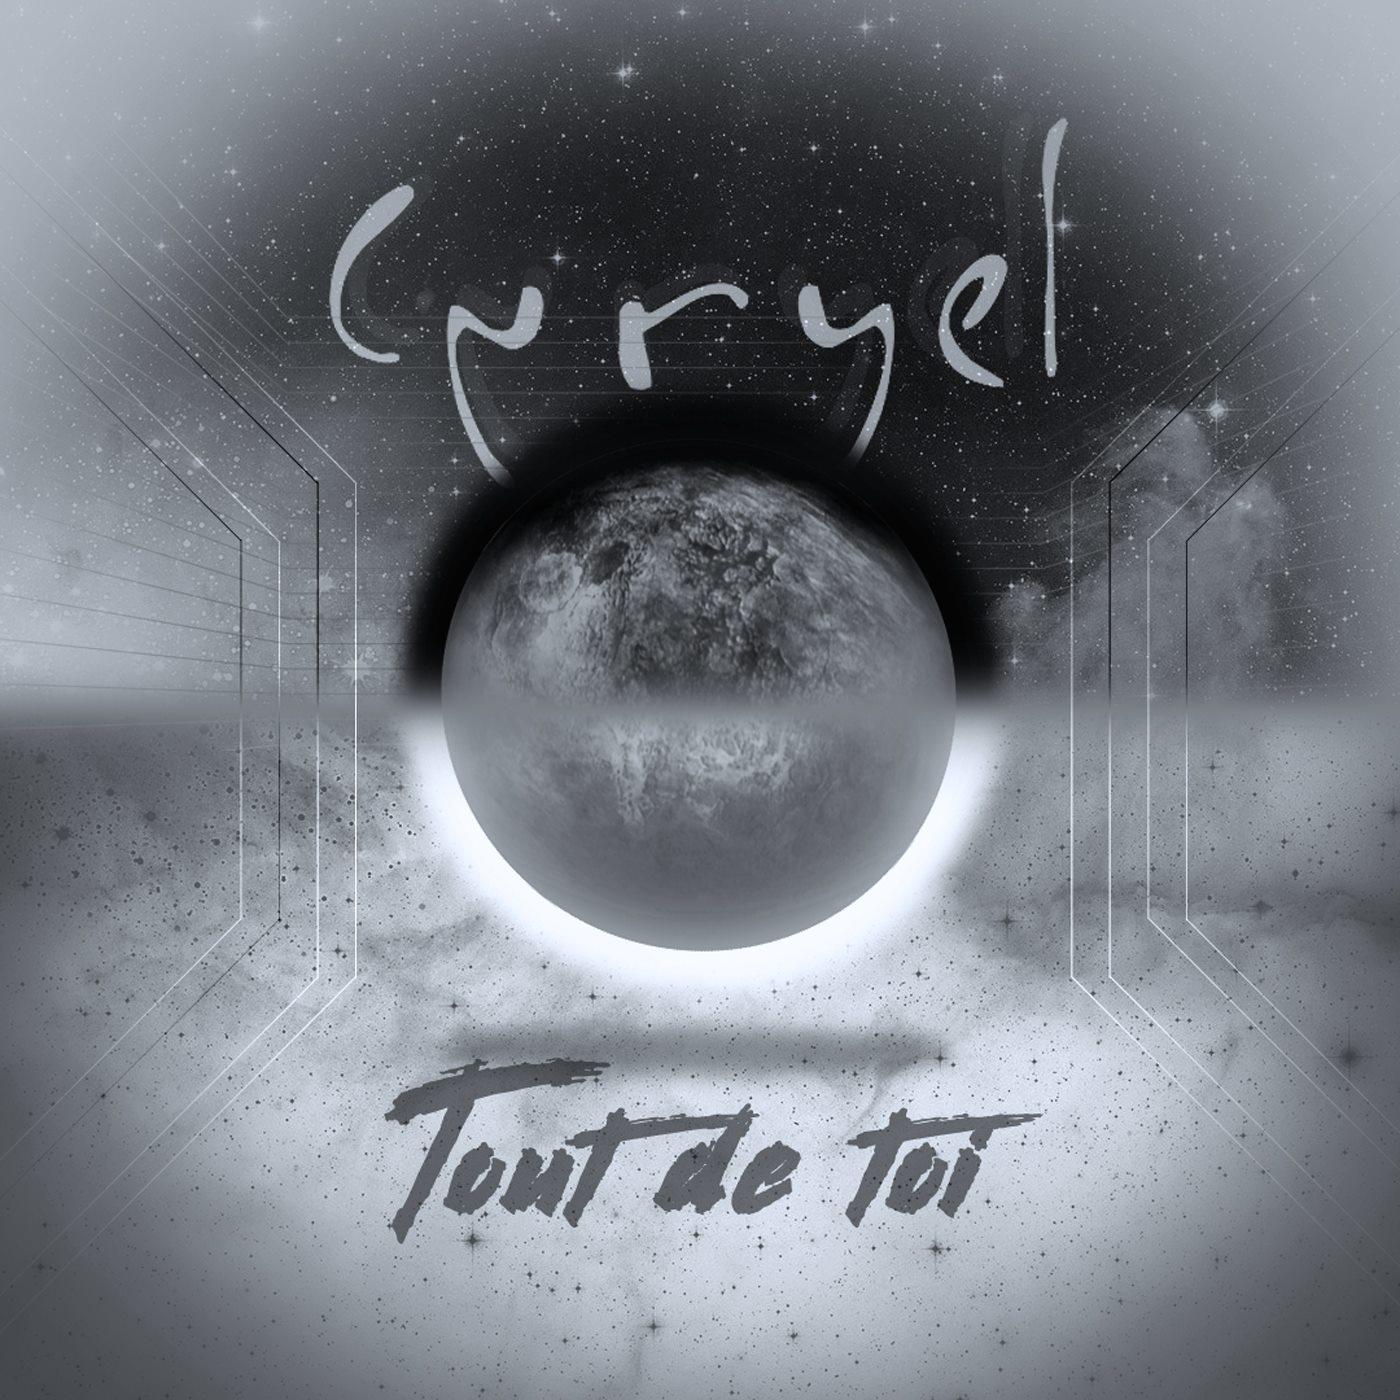 cyryel-justmusic-fr-single